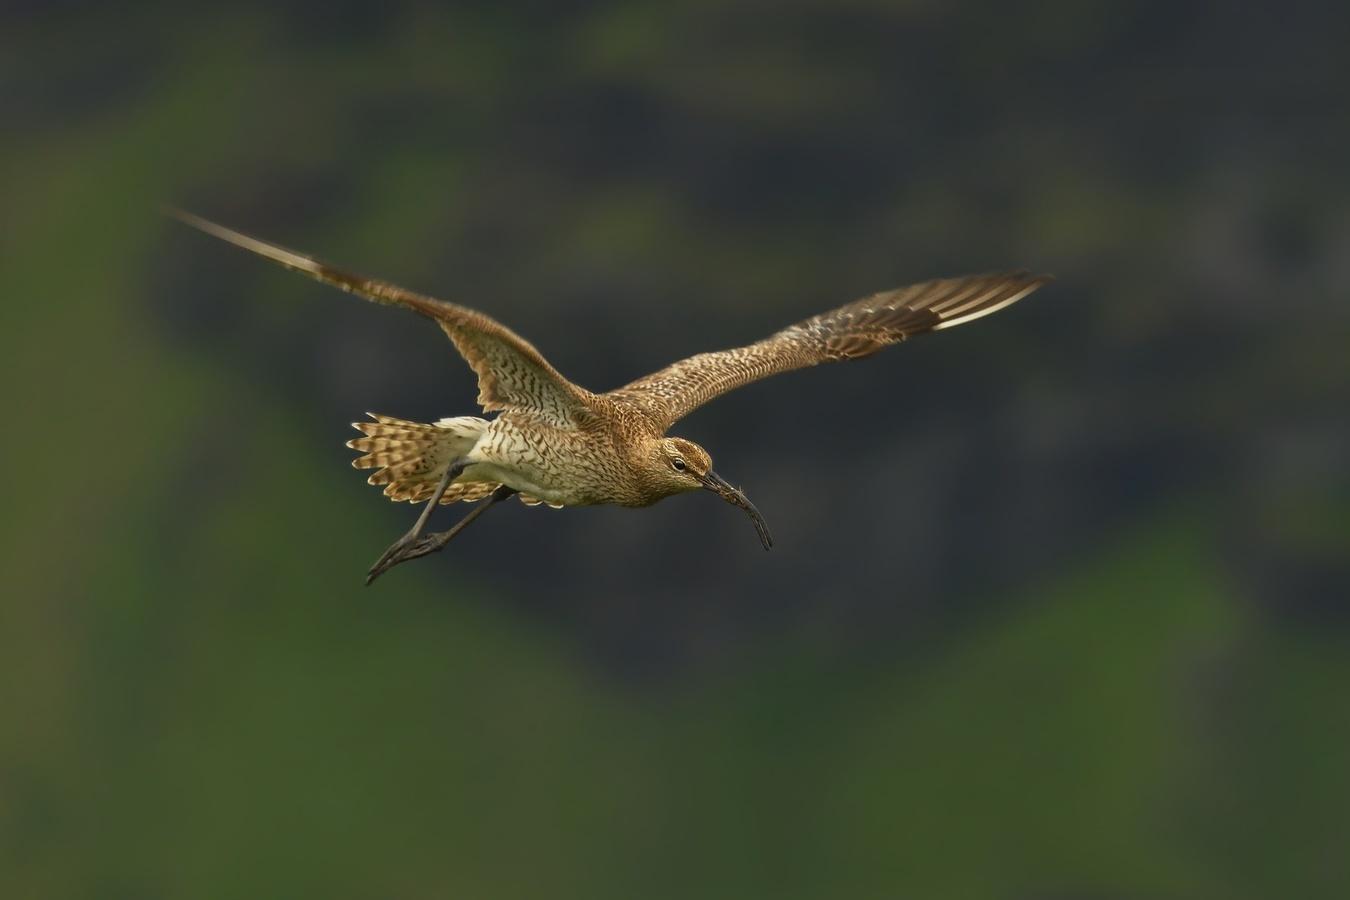 obrázky z islandské přírody 15 aneb ... letovka s bahňákem